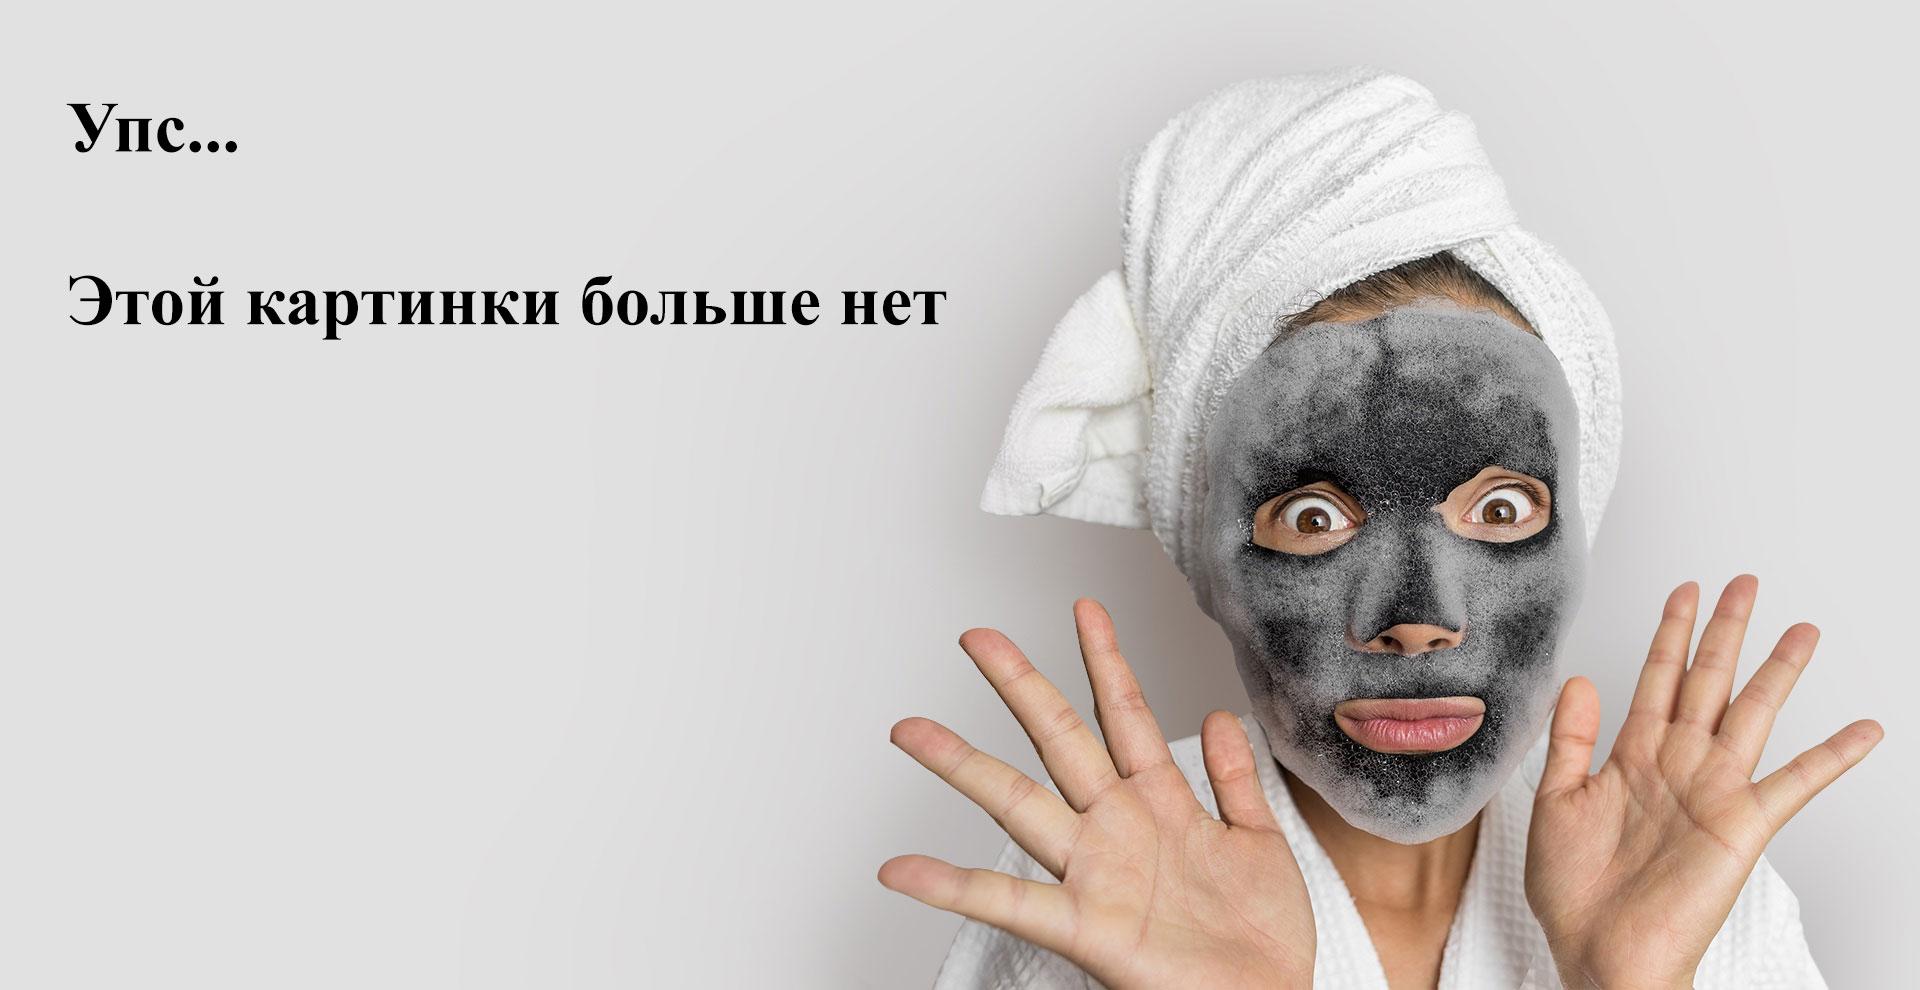 Soleo, Интенсивный крем-бронзатор для загара Summer night, 15 мл